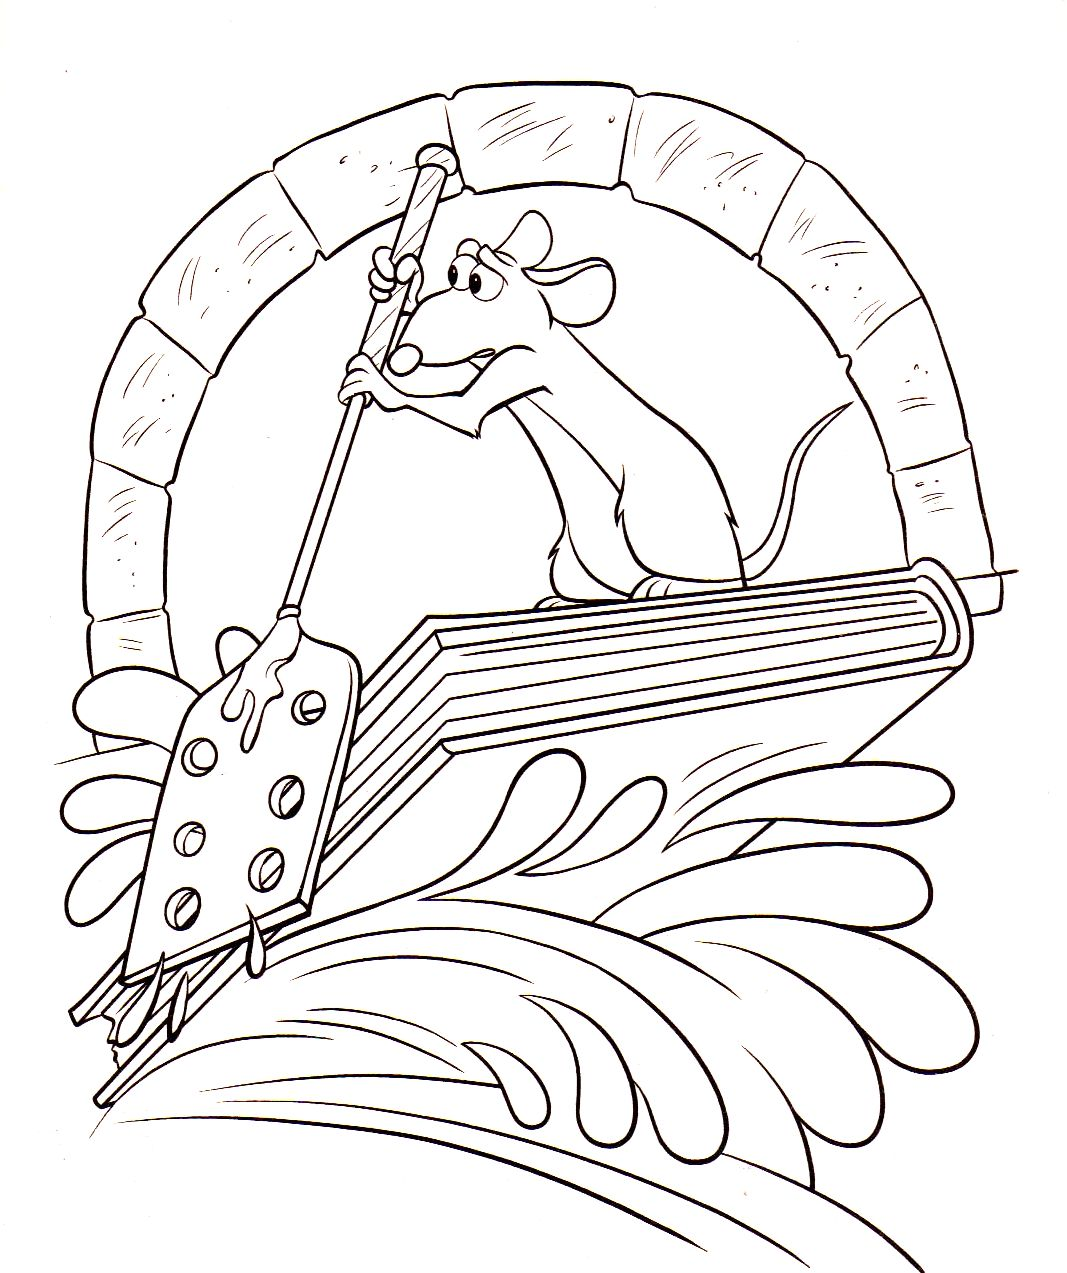 Coloriage Facile Ratatouille.Coloriage A Imprimer Tout P2071